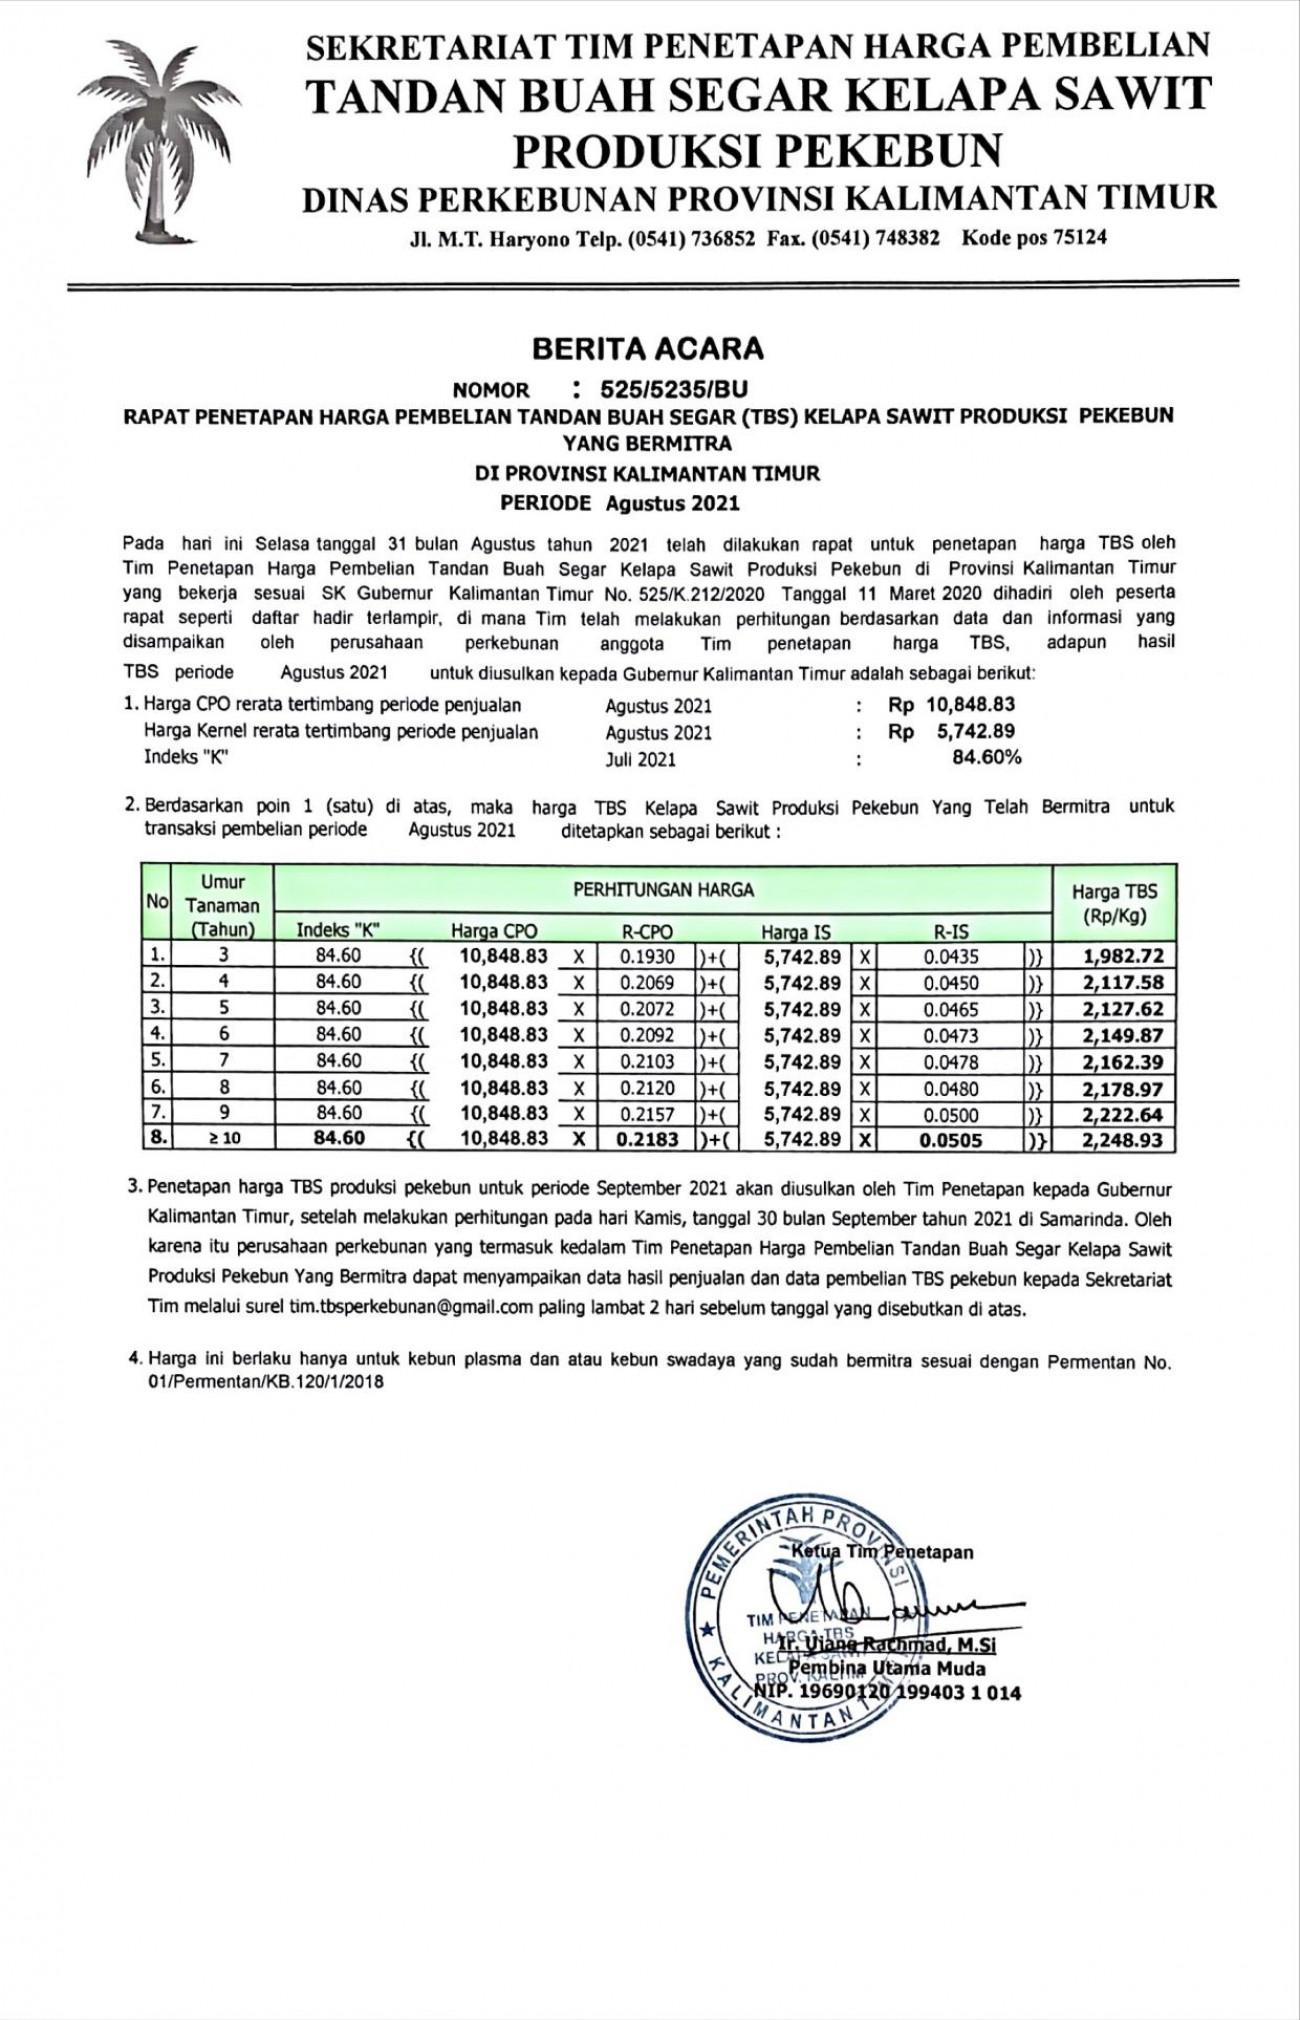 Informasi Harga TBS Kelapa Sawit Bagi Pekebun Bermitra Bulan Agustus 2021